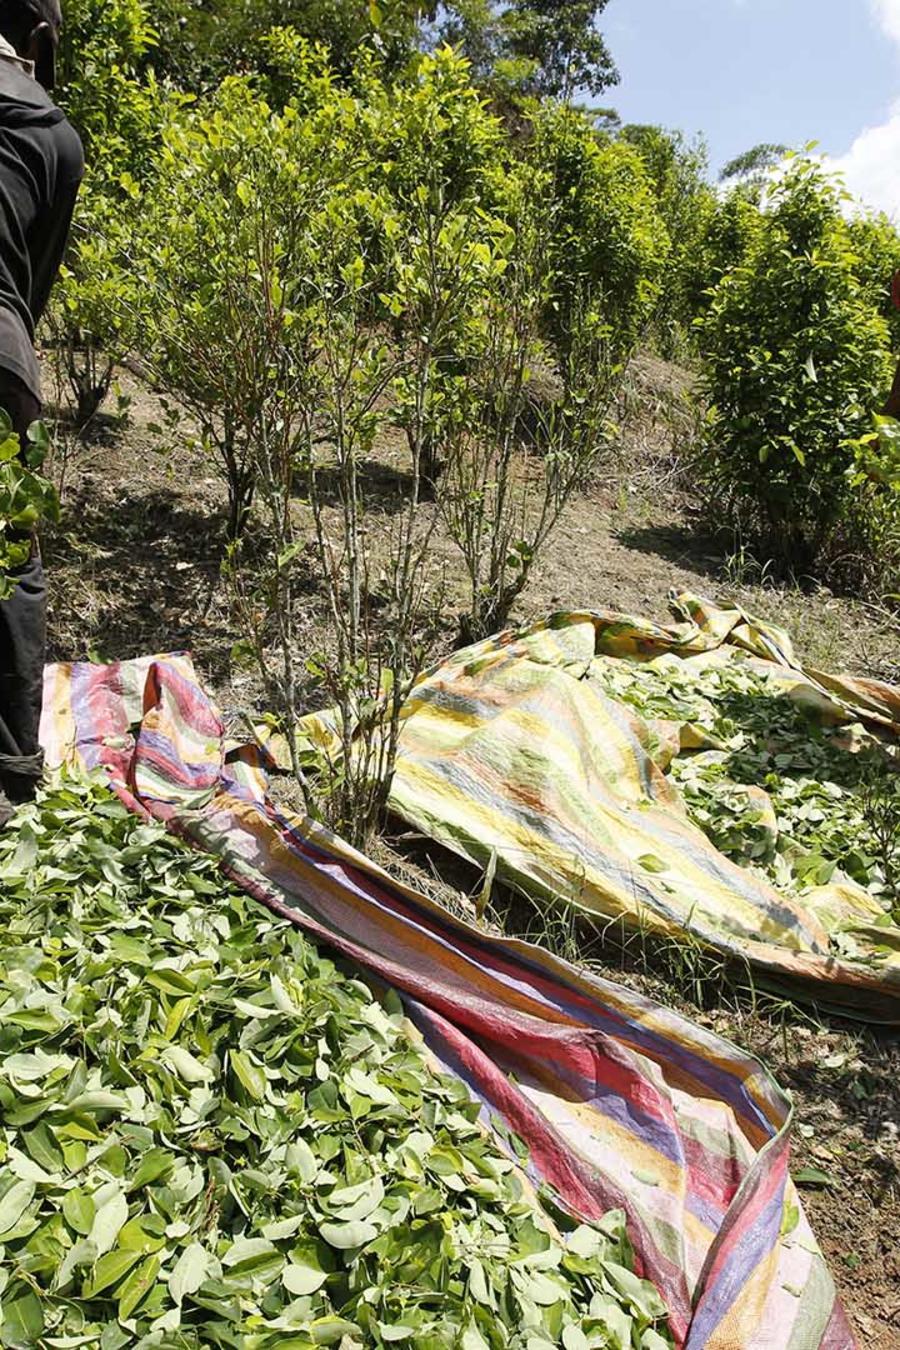 Foto de archivo de personas cosechando la hoja de coca en Colombia